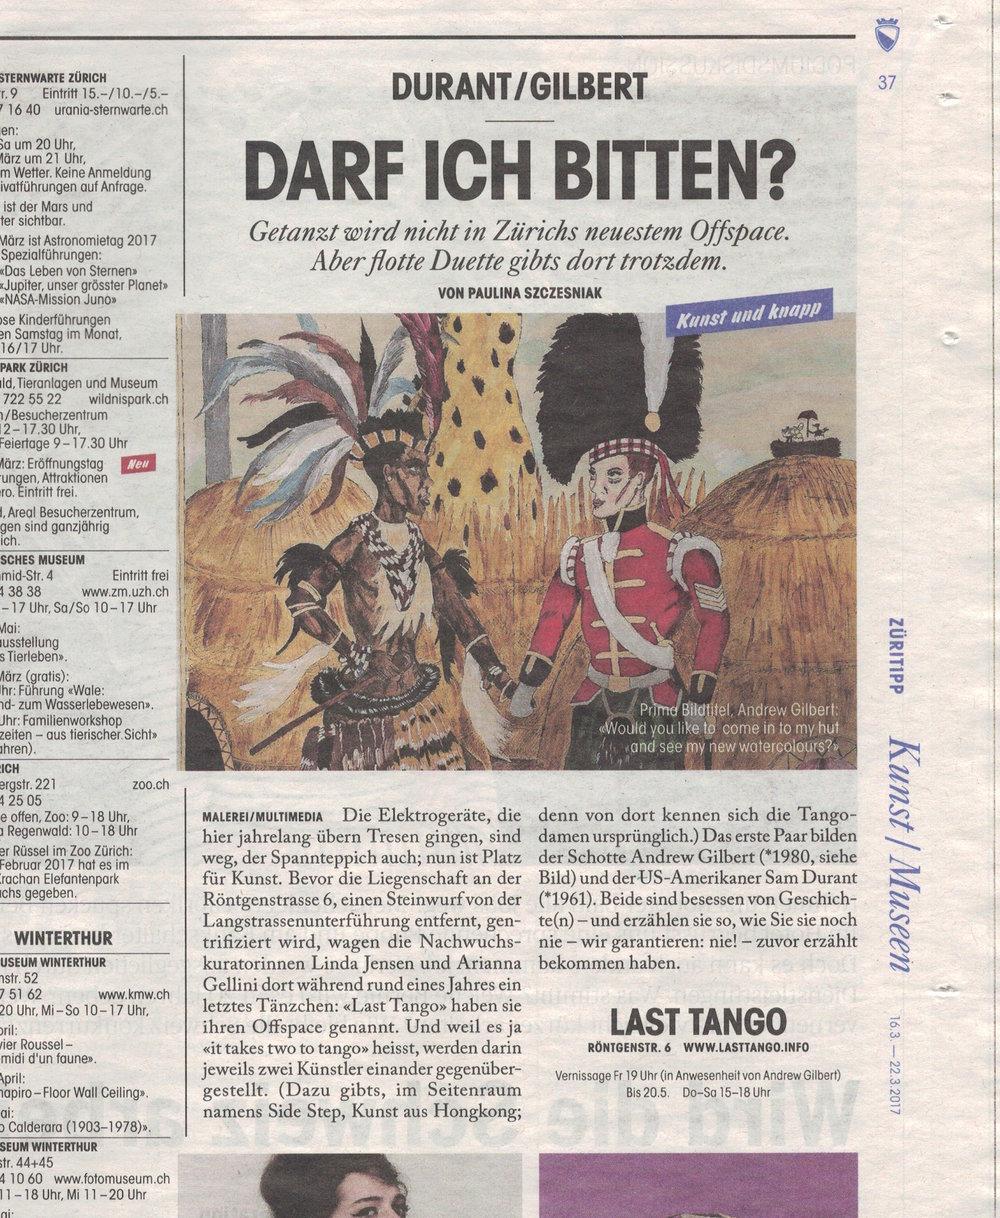 Tages Anzeiger, Züritipp, 16/03/17 by Paulina Szczesniak -